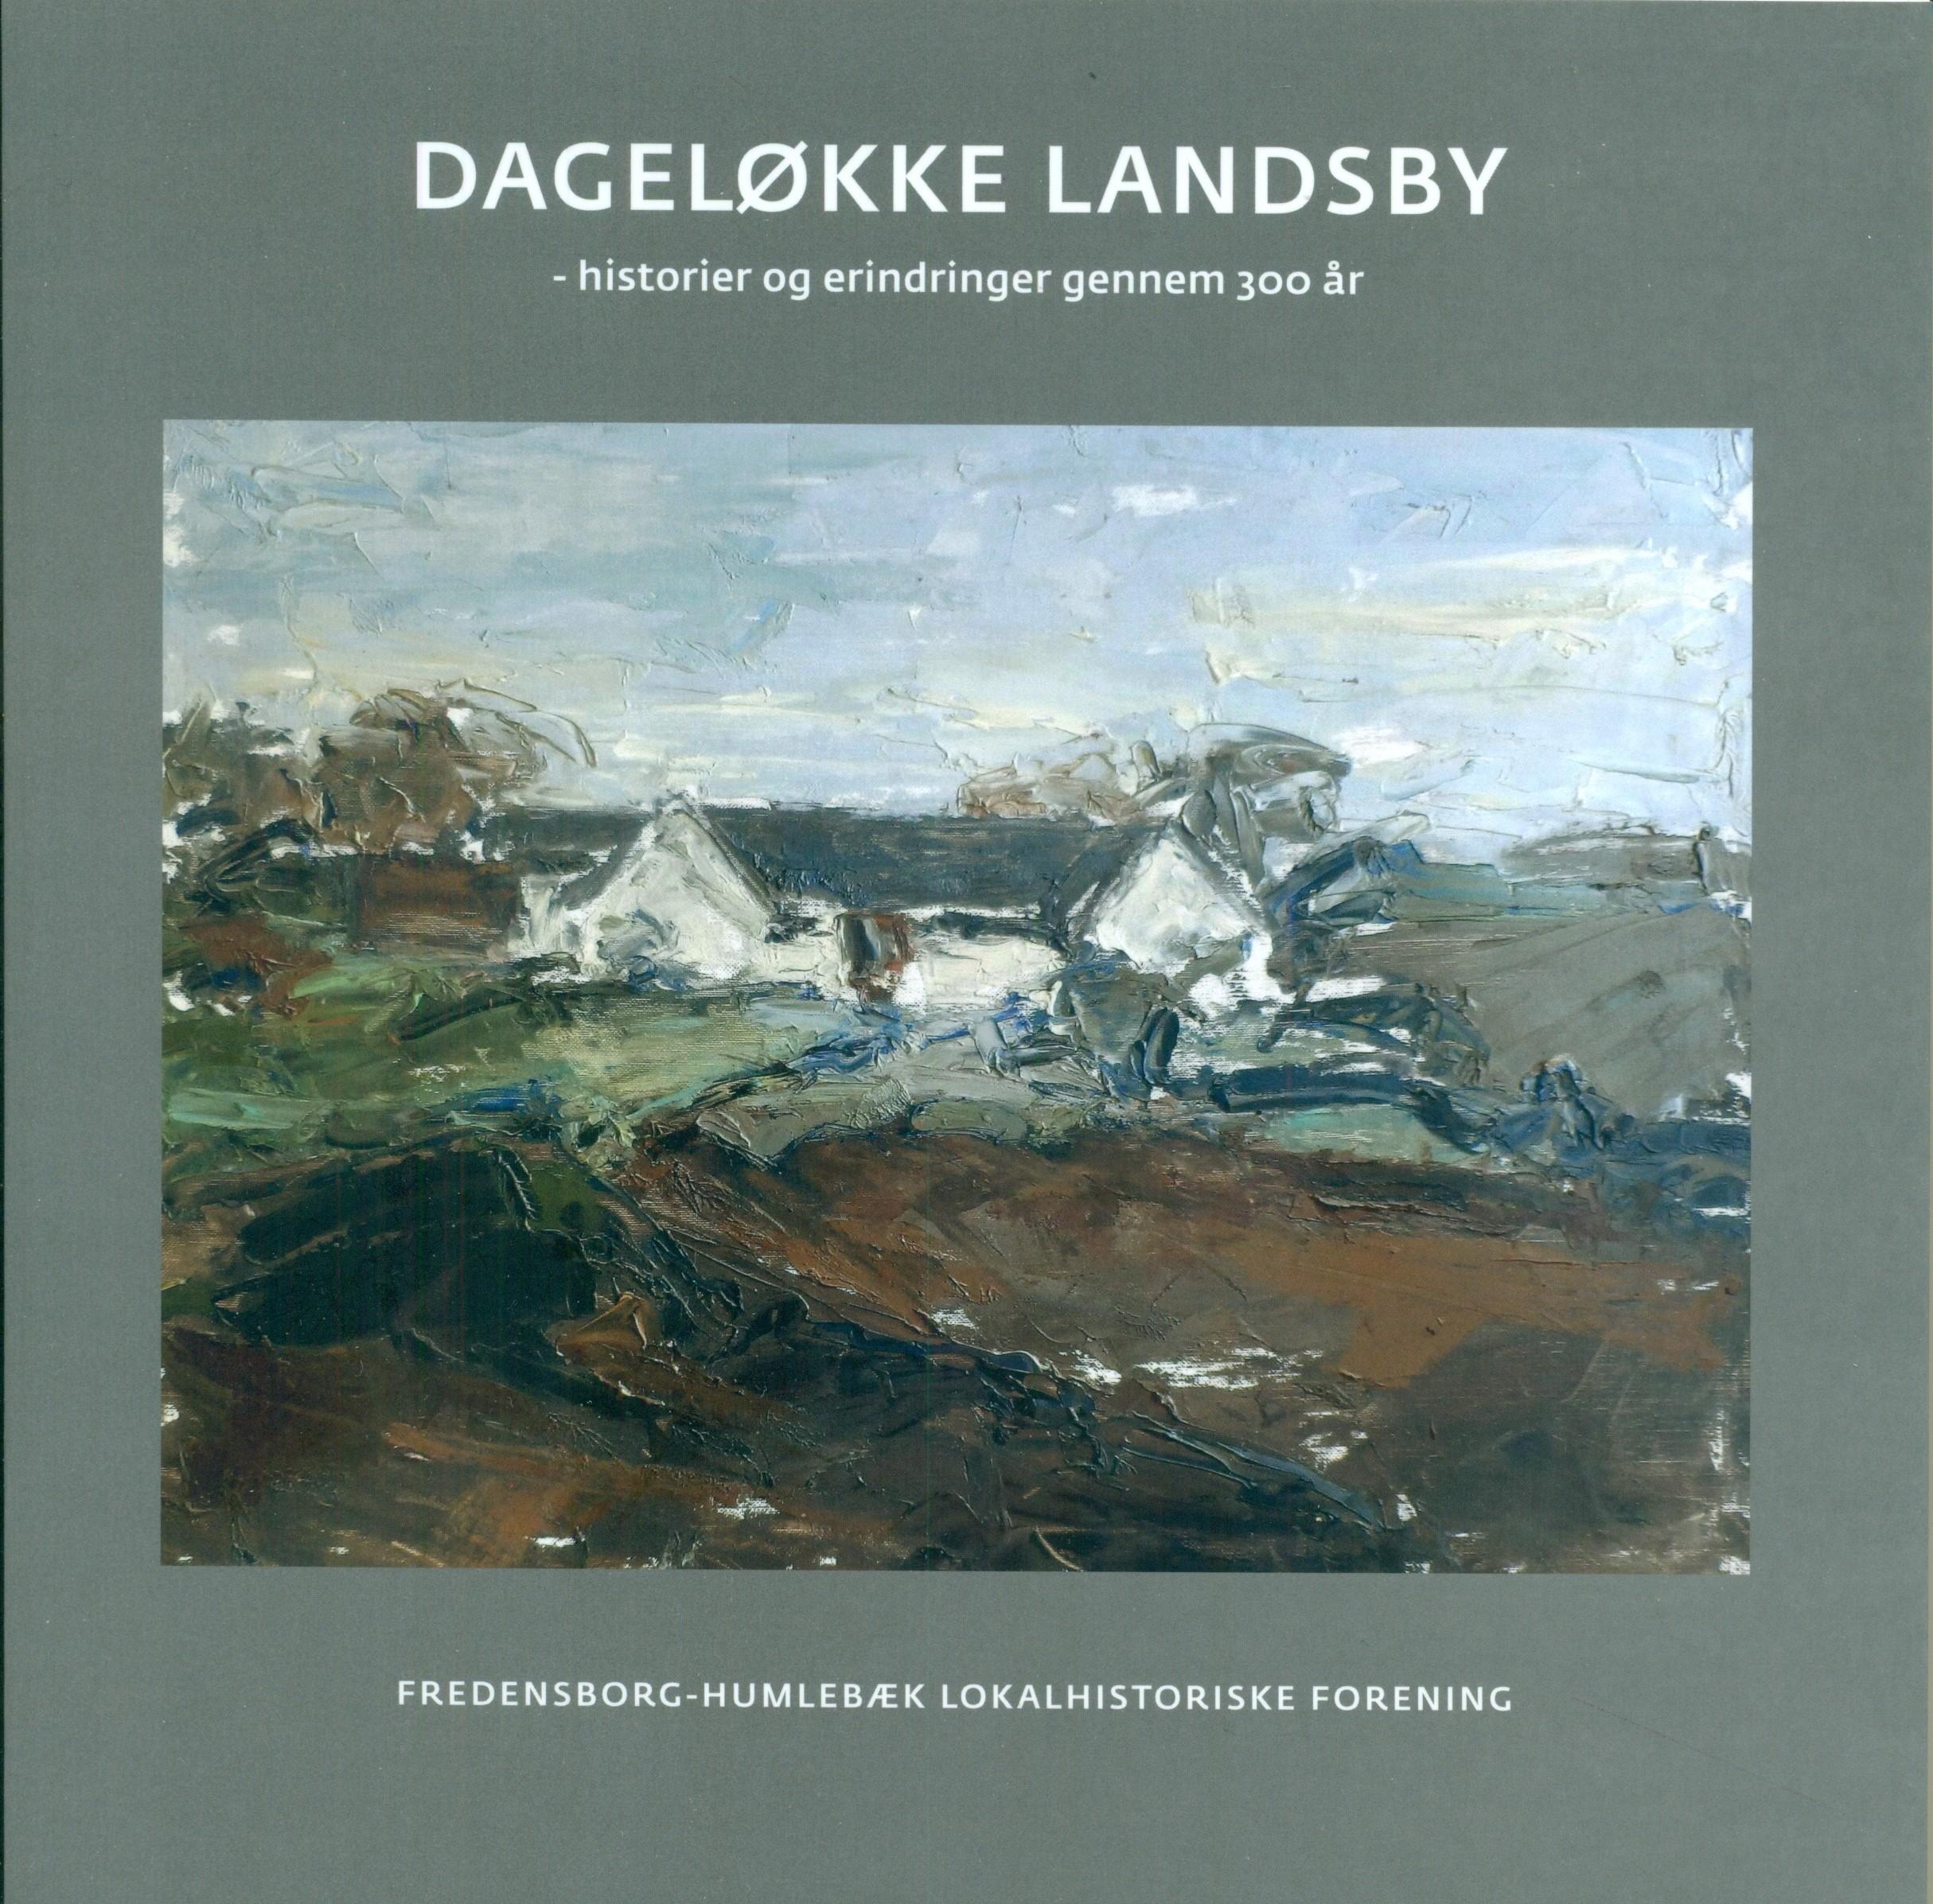 Dageløkke Landsby